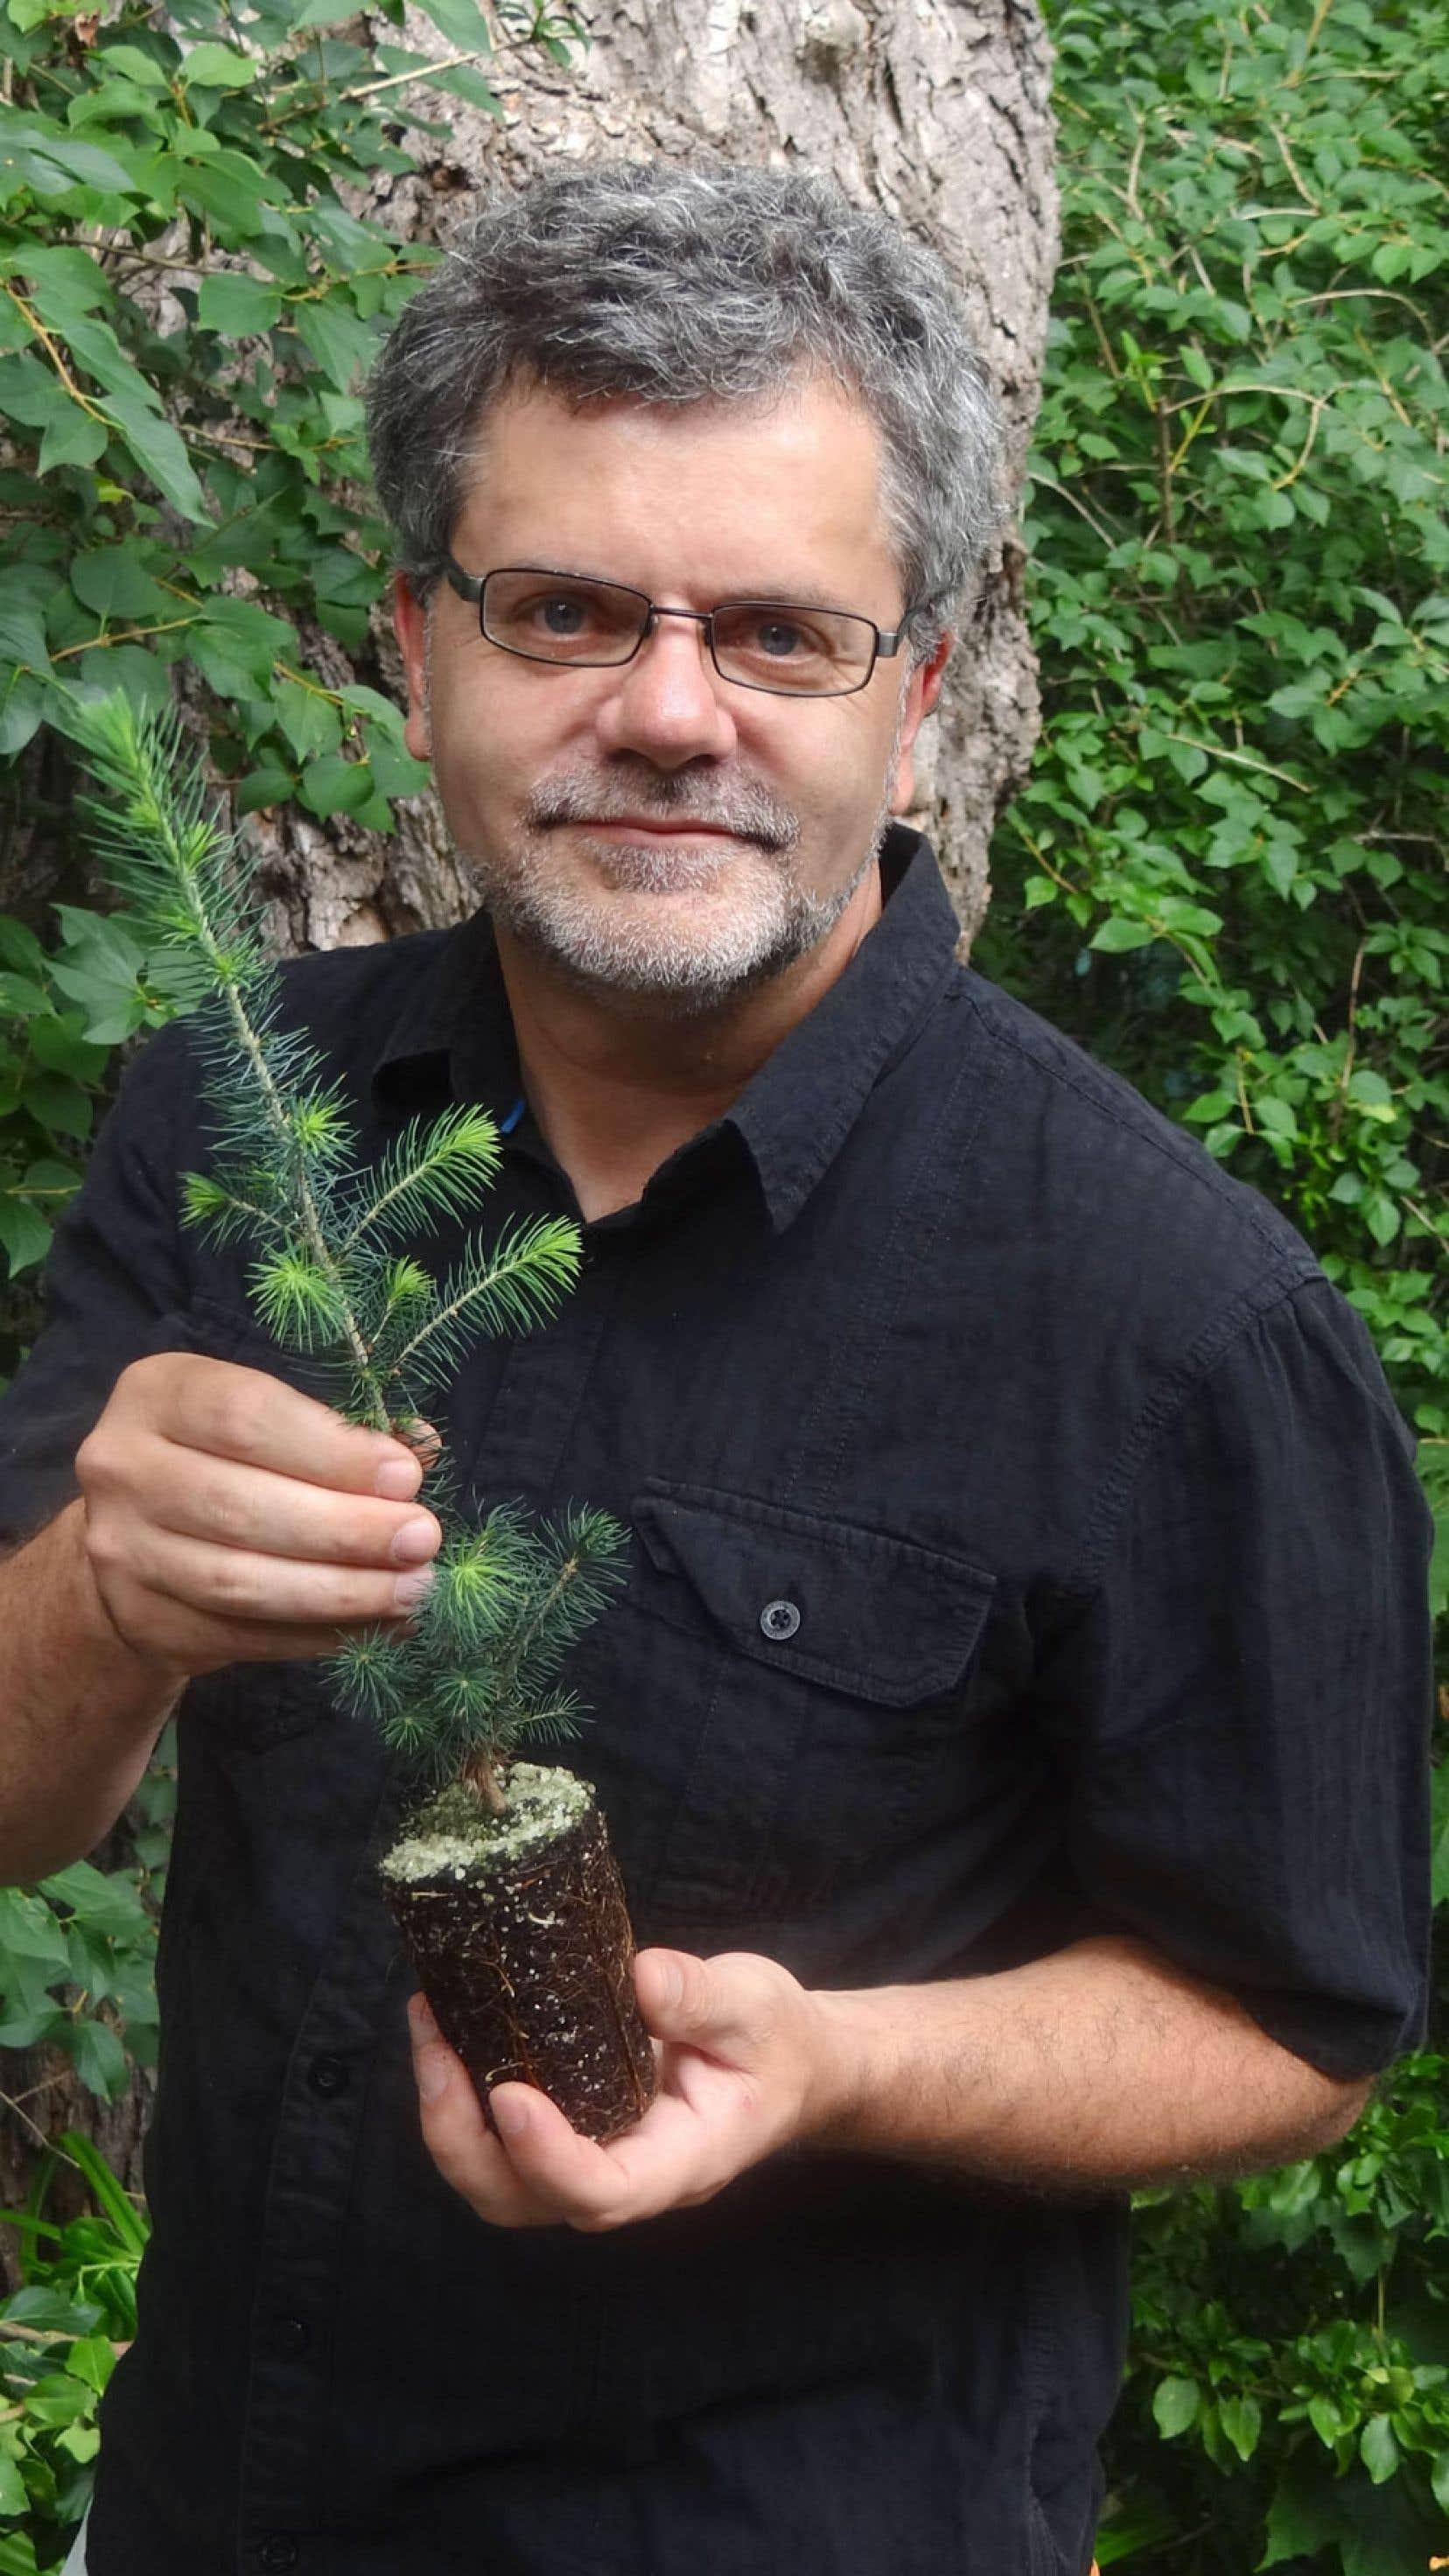 Professeur chercheur au Département des sciences du bois et de la forêt de l'Université Laval, Jean Bousquet est très enthousiaste devant les dernières découvertes réalisées sur le génome d'un conifère.